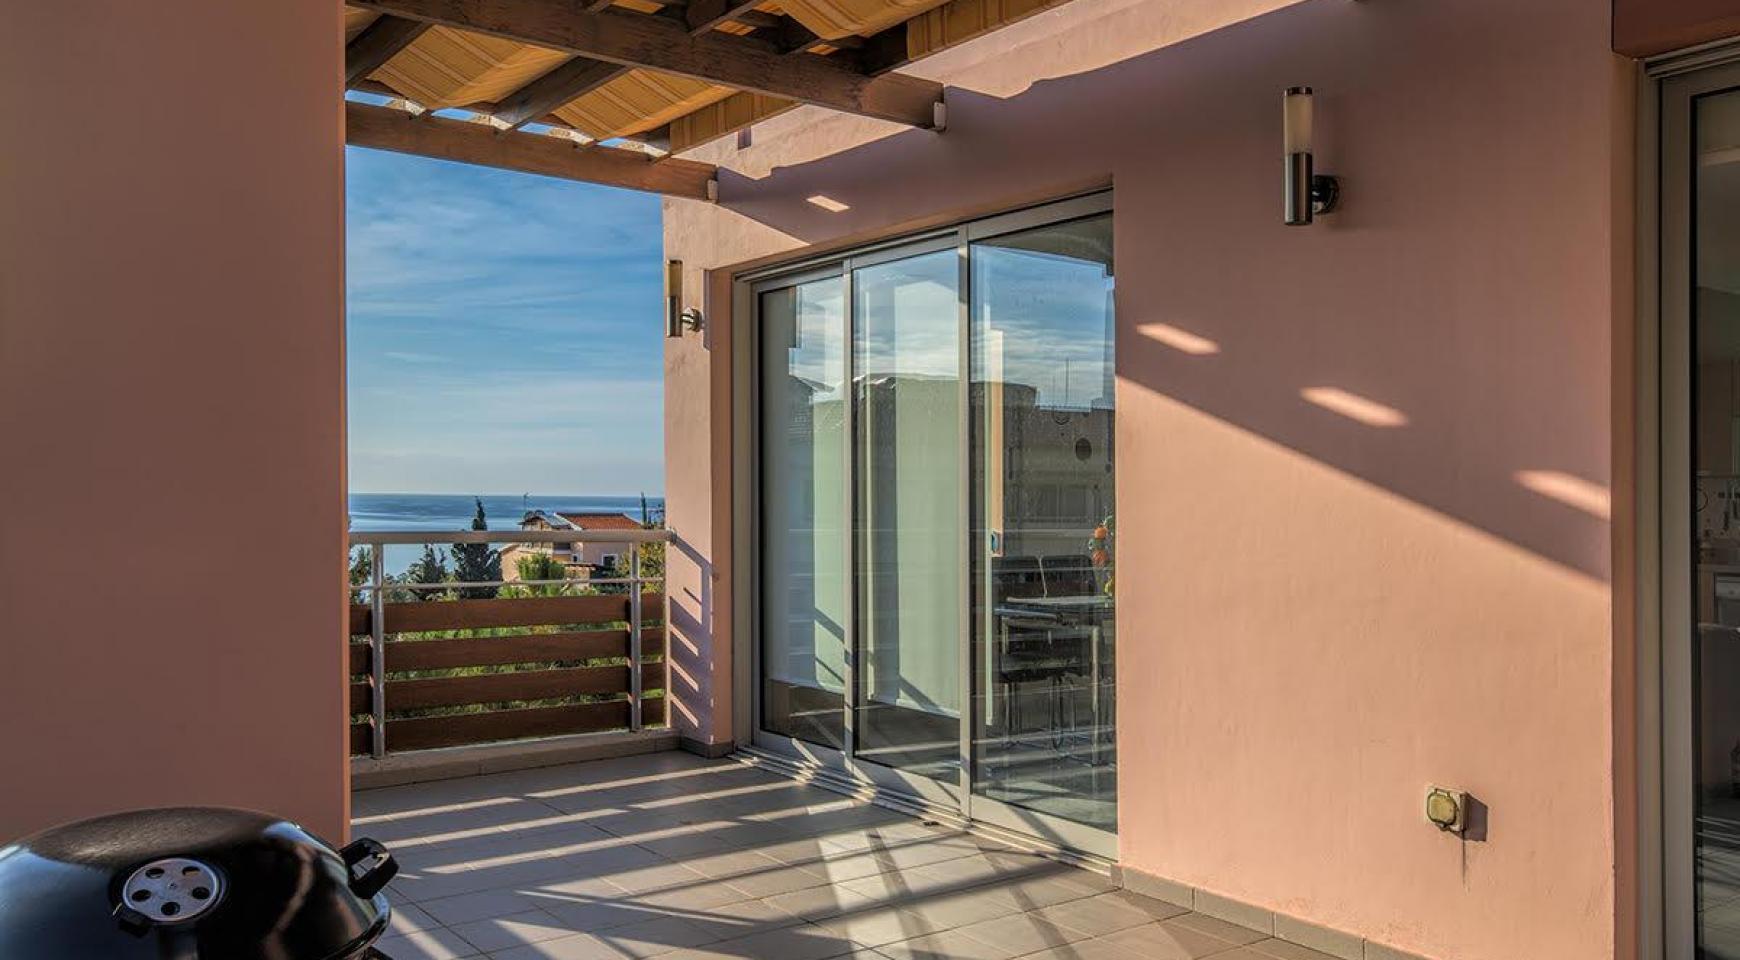 2 Bedroom Duplex Apartment in a Prestigious Complex near the Sea - 5